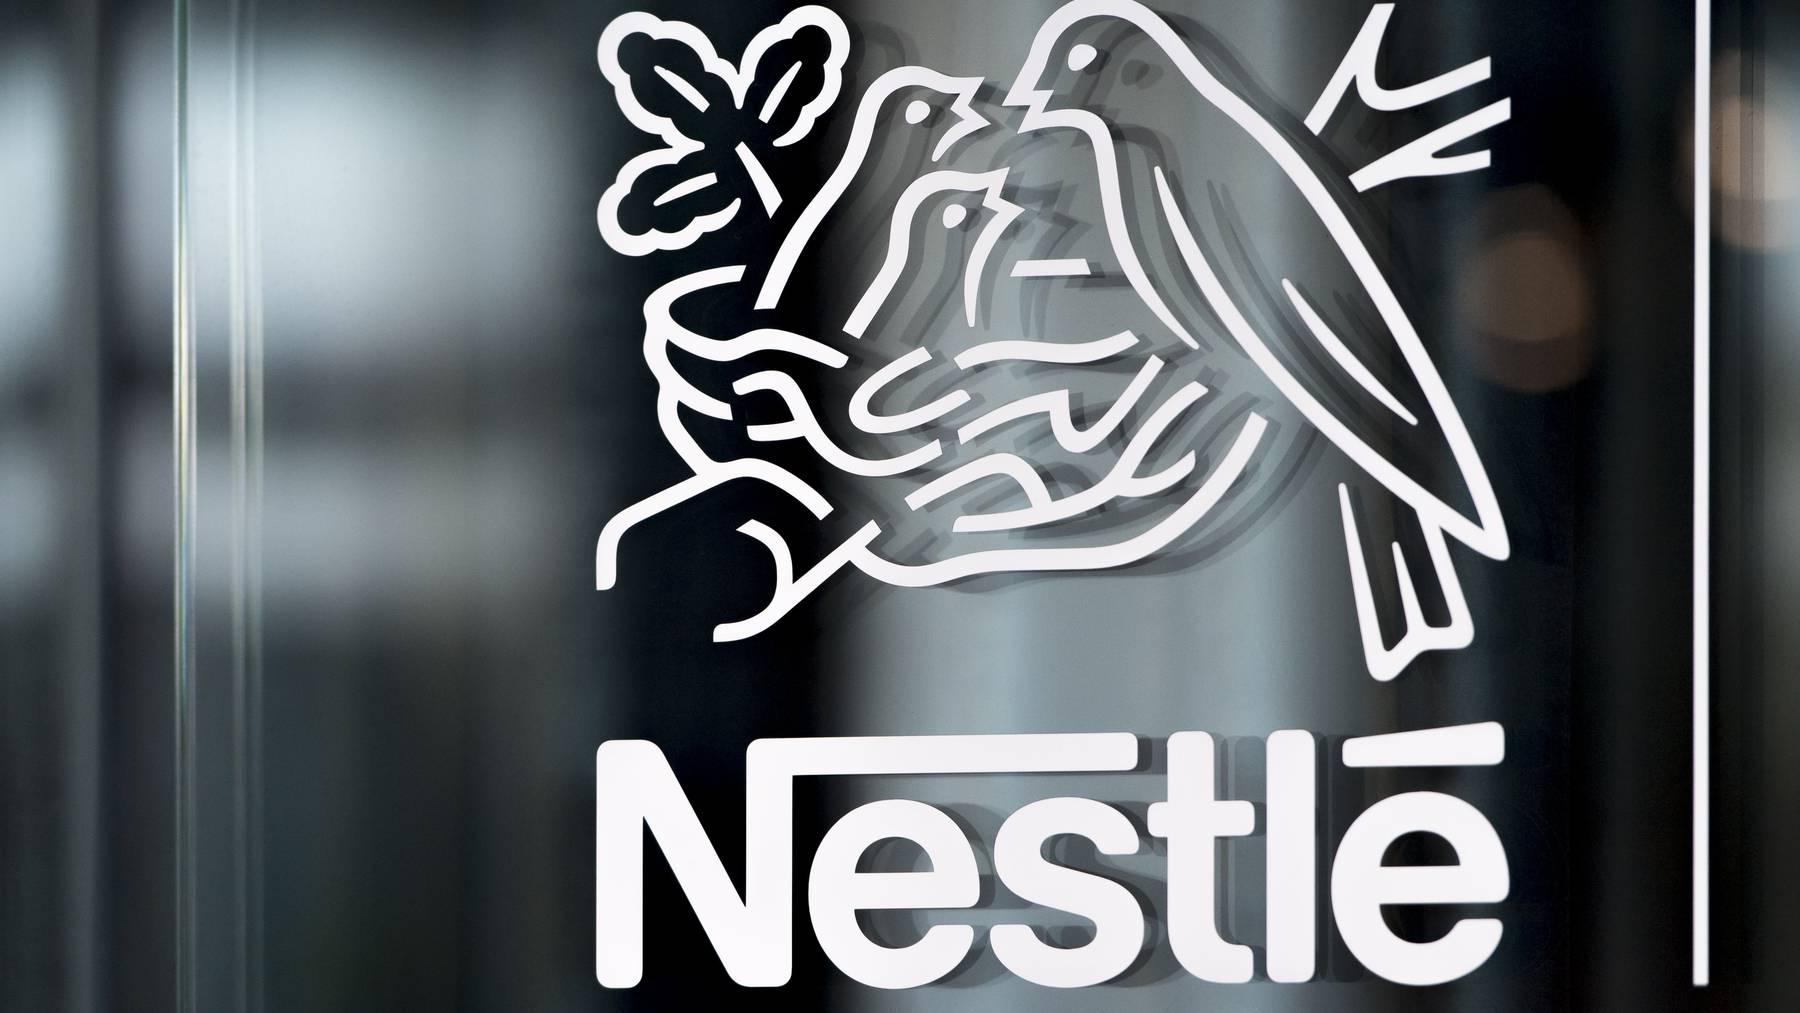 Anstrengungen der Nestlé-Angestellten sollen auch finanziell gewürdigt werden.